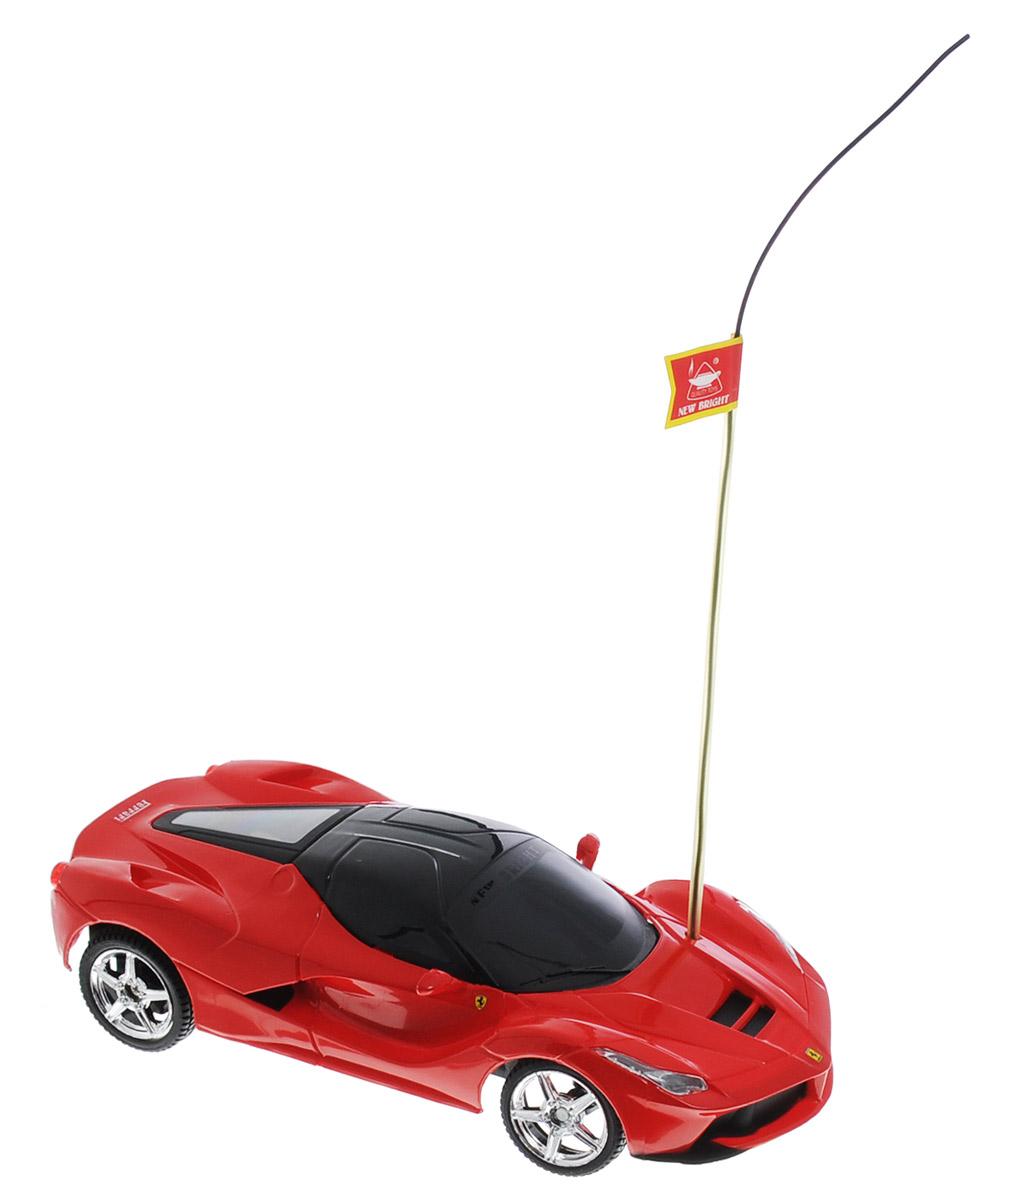 New Bright Радиоуправляемая модель La Ferrari масштаб 1:242423LРадиоуправляемая модель New Bright La Ferrari станет отличным подарком любому мальчику! Это точная копия настоящего автомобиля в масштабе 1:24. Управление игрушкой происходит при помощи удобного пульта. Пульт управления работает на частоте 27 MHz, а радиус его действия составляет 25-30 метров. Возможные движения: вперед-назад, поворот вправо-влево. Радиоуправляемые игрушки способствуют развитию координации движений, моторики и ловкости. Ваш ребенок часами будет играть с моделью, придумывая различные истории и устраивая соревнования. Порадуйте его таким замечательным подарком. Для работы машины необходимы 3 батарейки напряжением 1,5V типа АА (не входят в комплект). Для работы пульта управления необходимы 2 батарейки напряжением 1,5V типа АА (не входят в комплект).